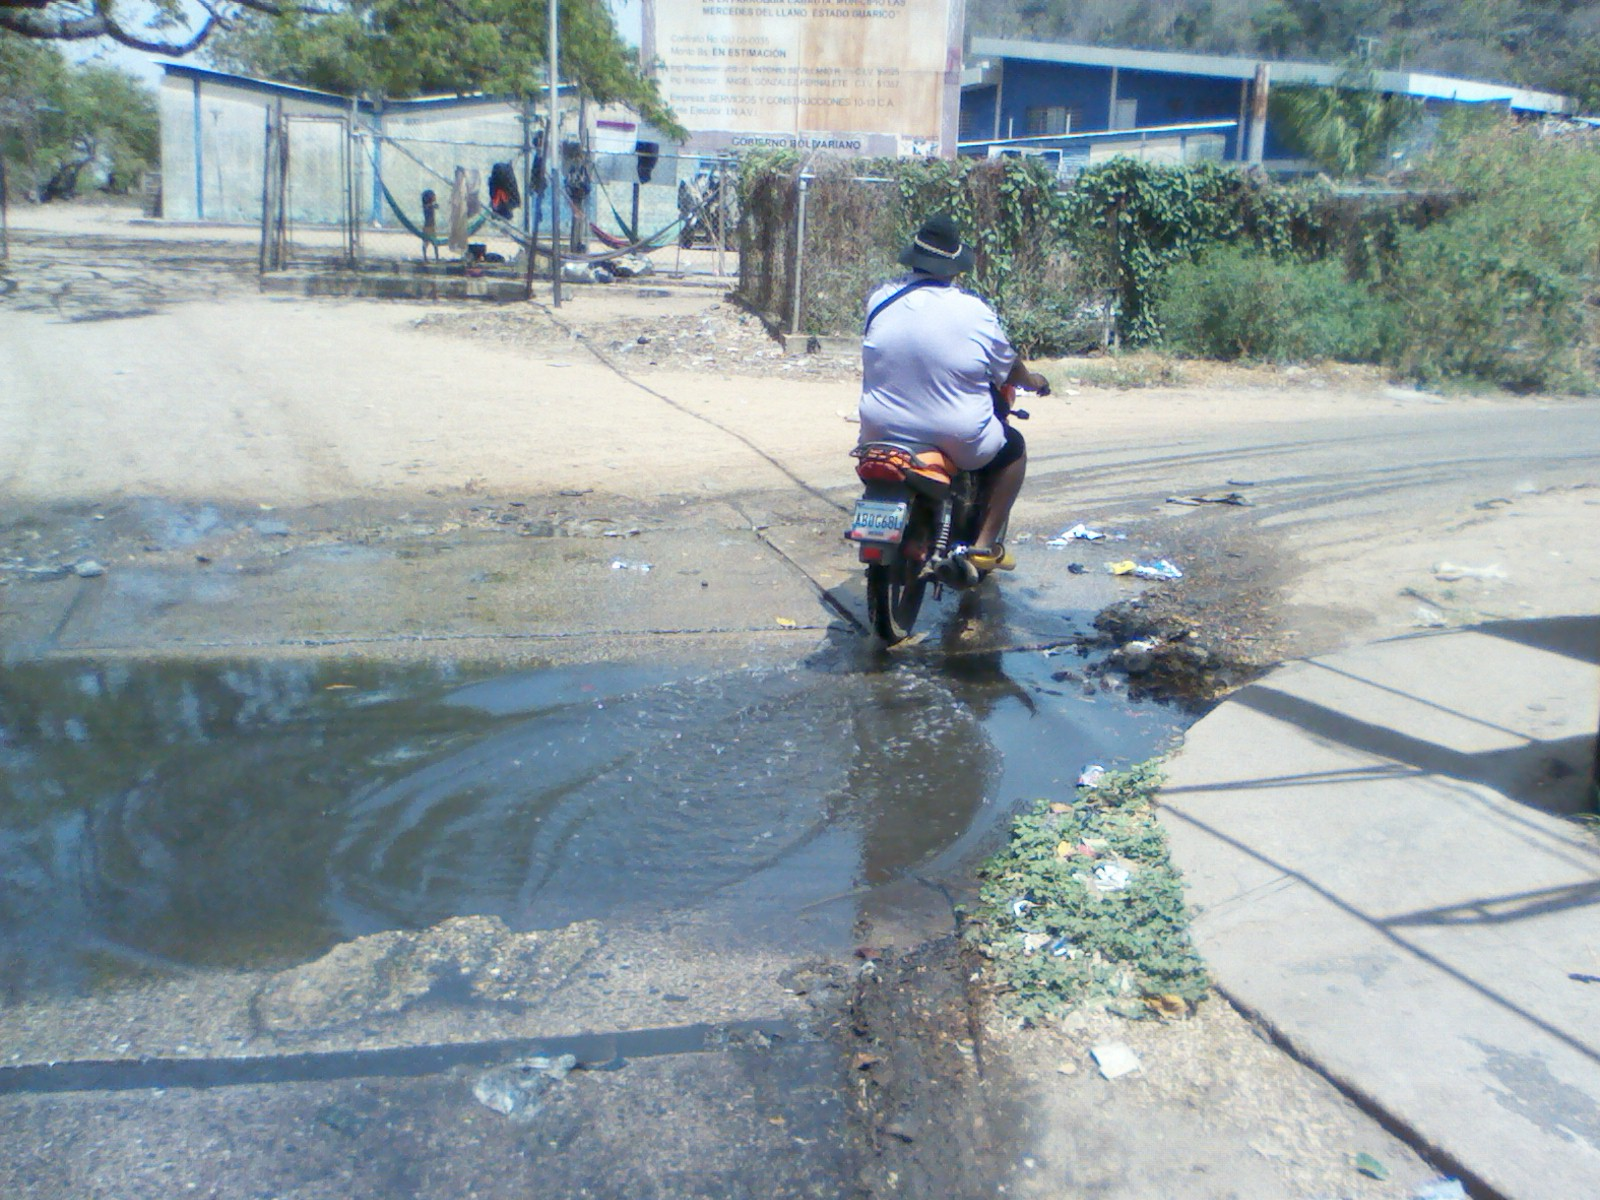 Las calles de Cabruta están inundadas de aguas negras ante la falta de mantenimiento.